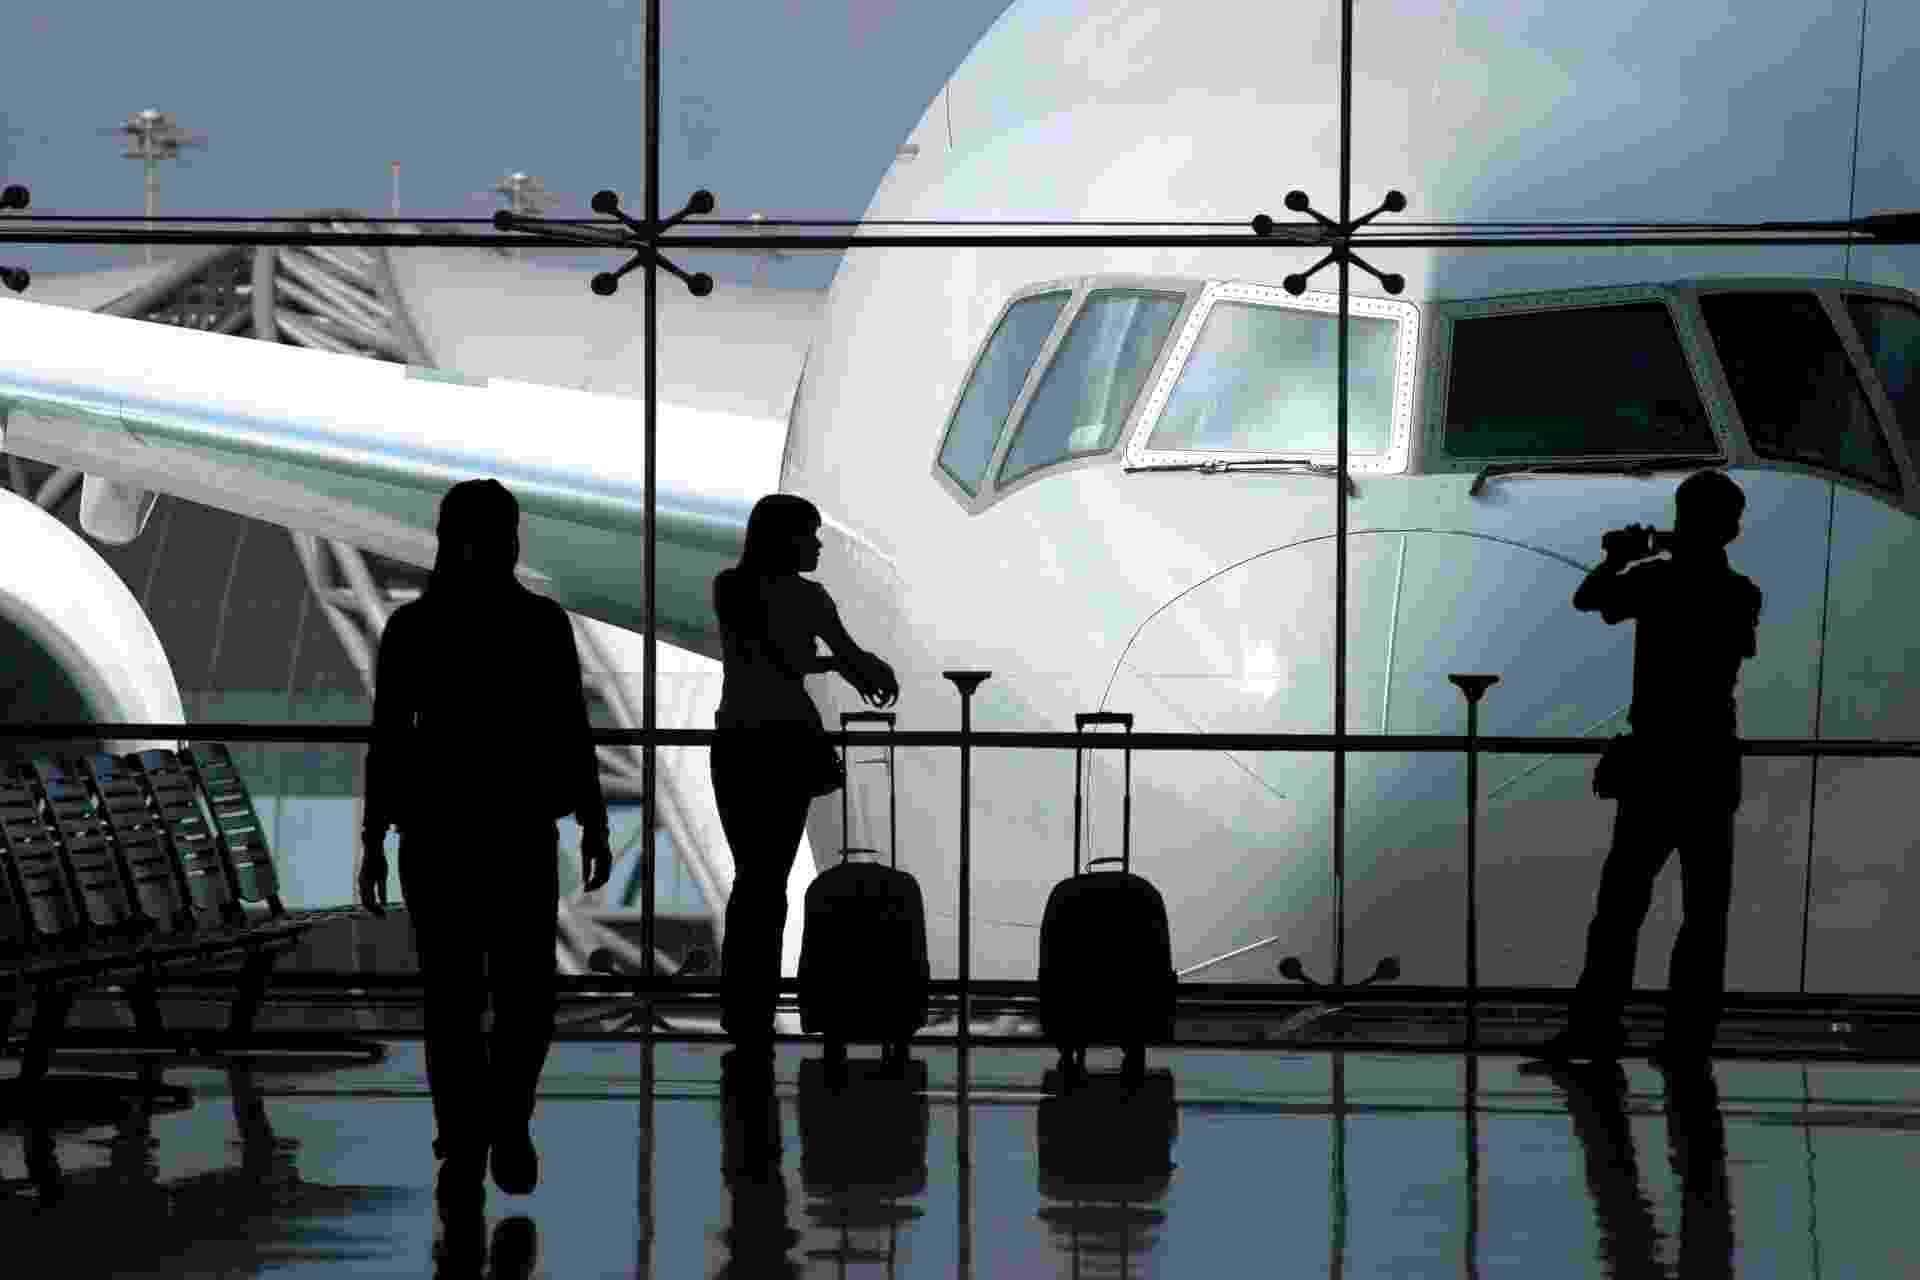 Viagens internacionais podem dar margem a dúvidas sobre produtos que podem ser trazidos na mala - Thinkstock